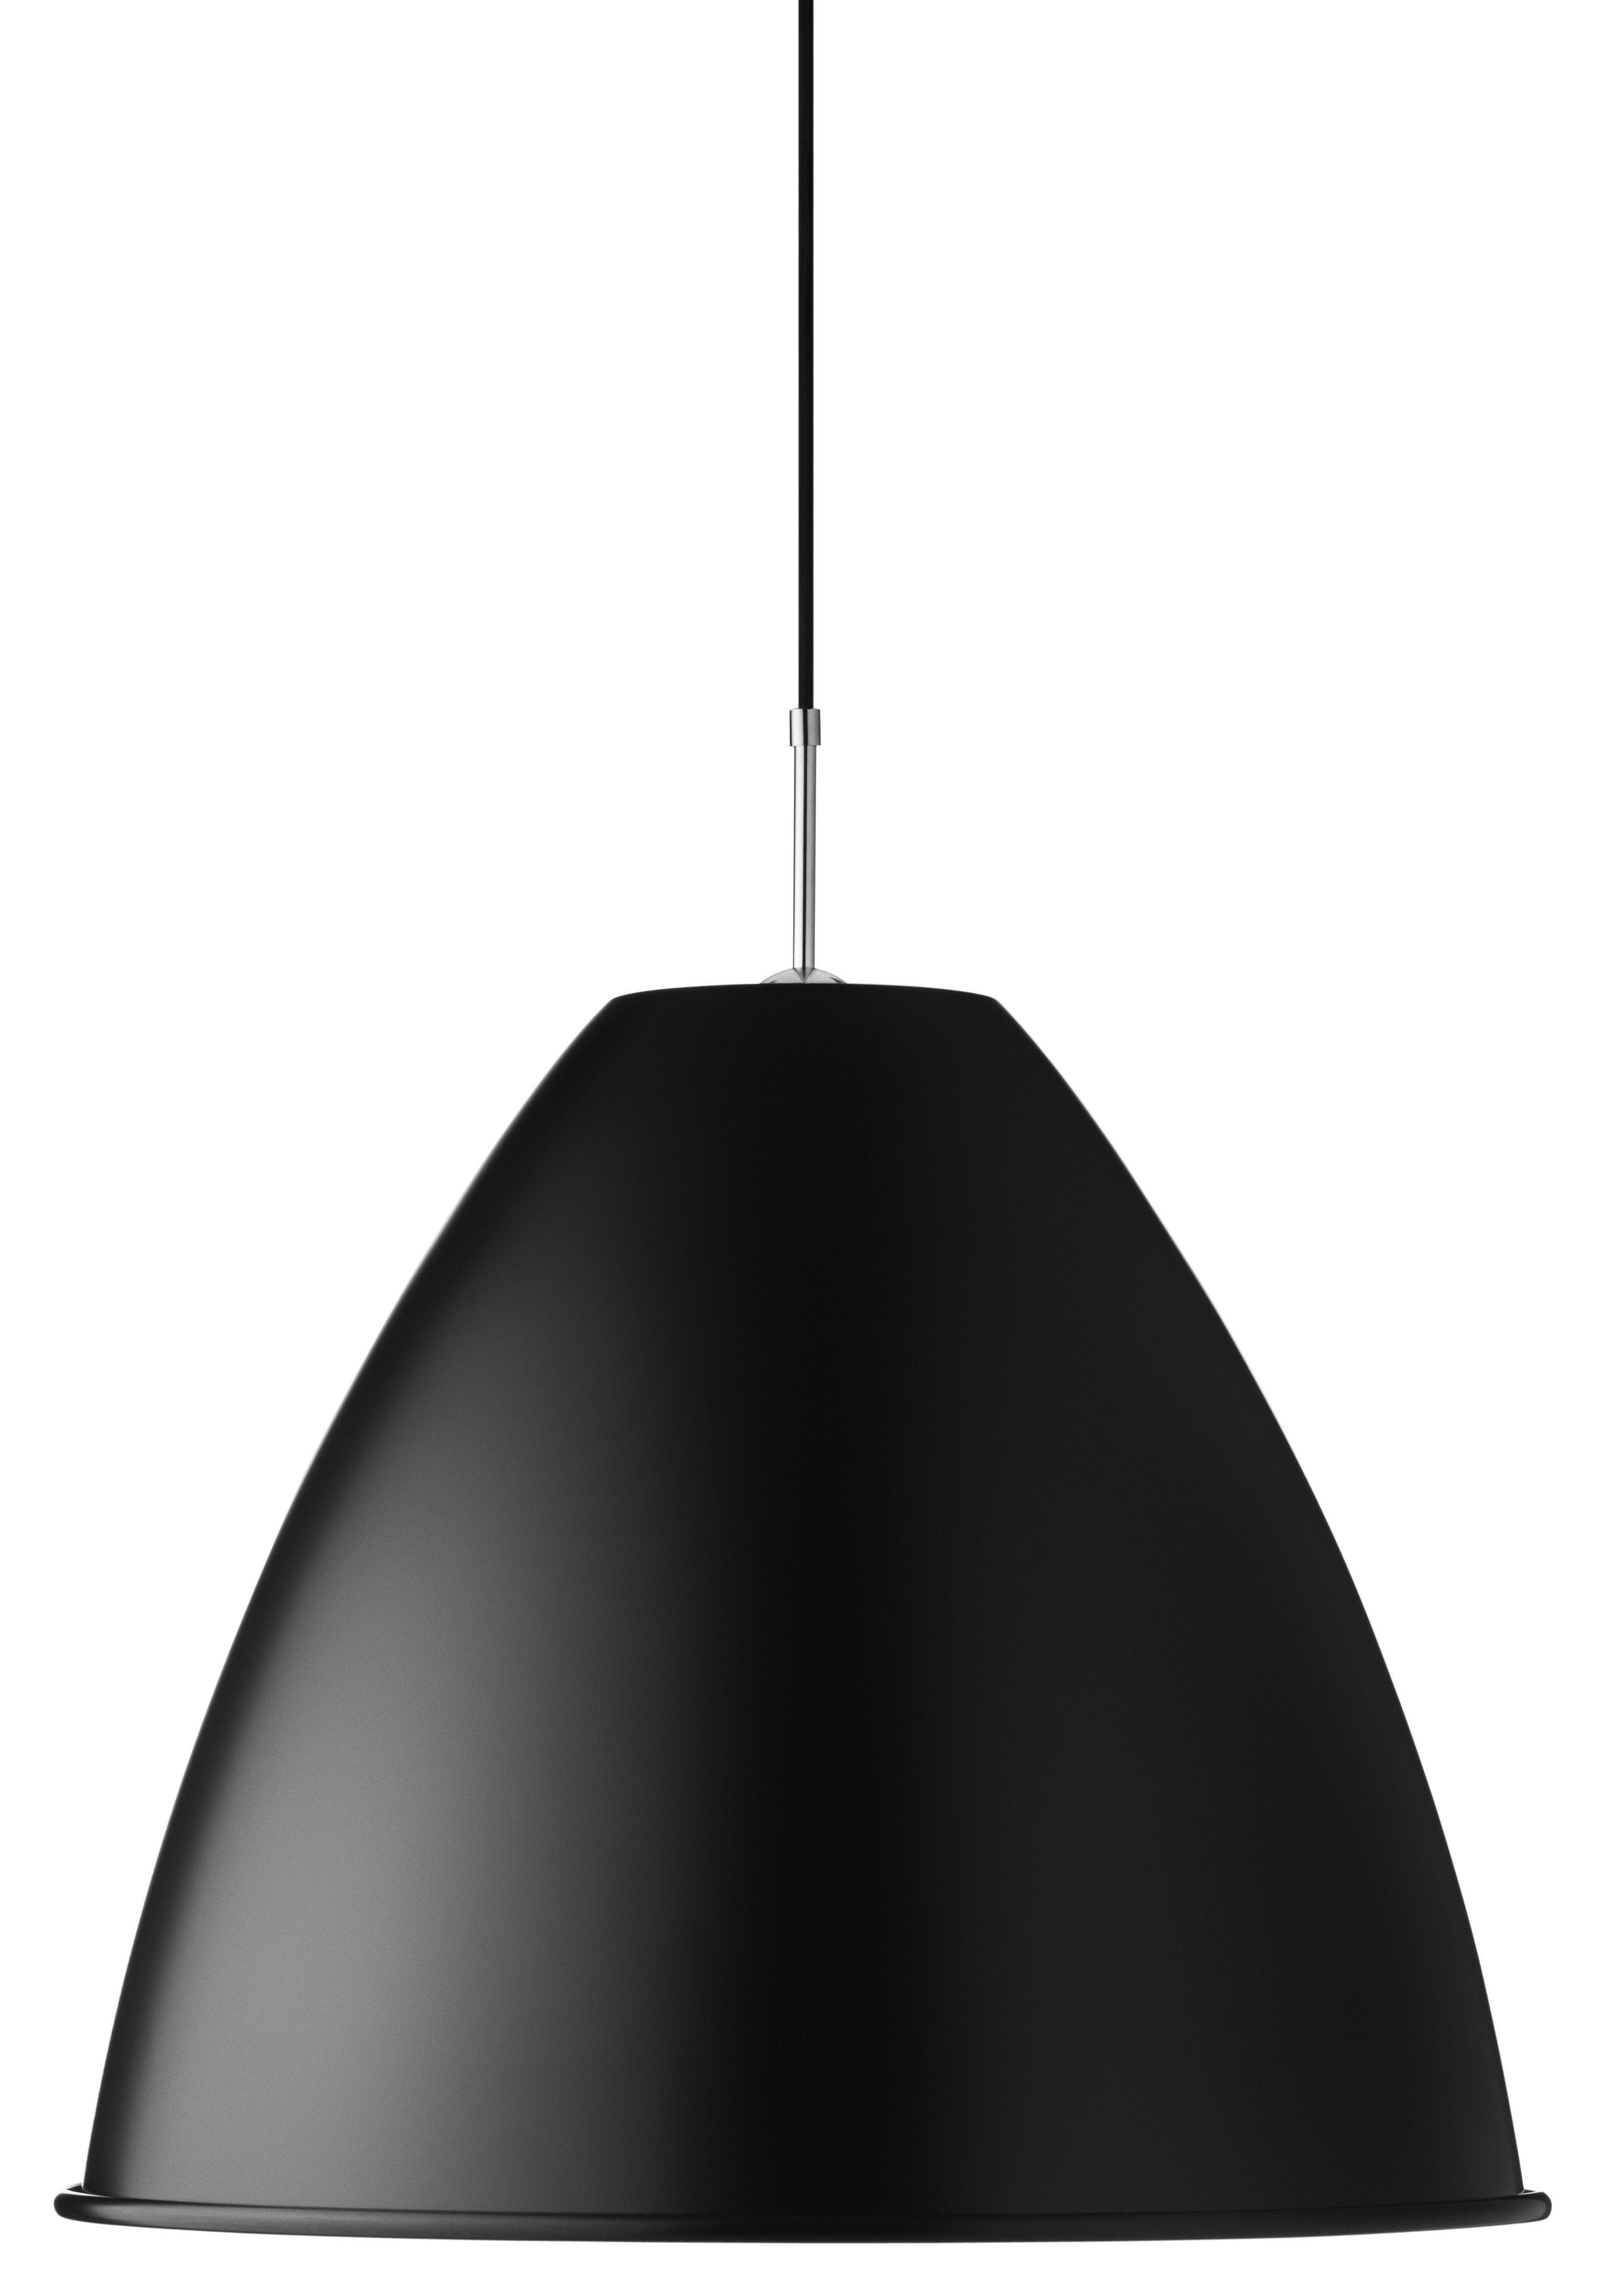 Luminaire - Suspensions - Suspension Bestlite BL9 L Ø 40 cm - Réédition 1930 - Gubi - Noir - Métal chromé